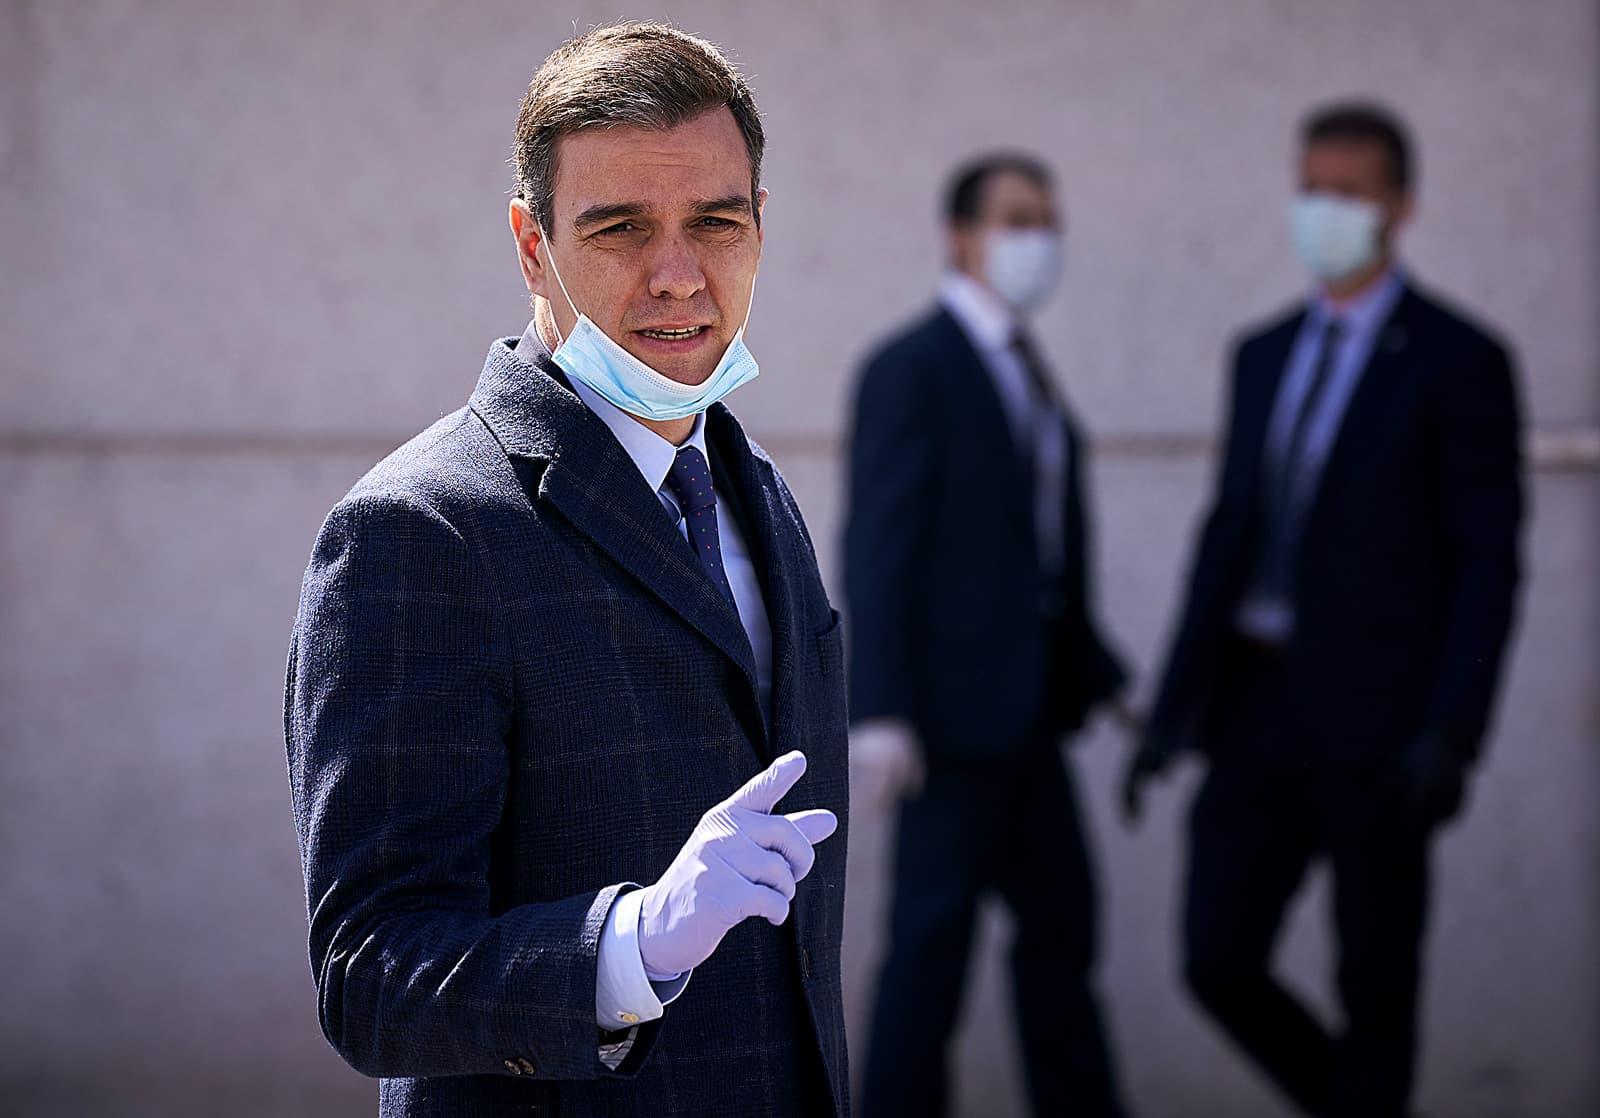 Pedro Sánchez amb mascareta i guants durant la visita a una empresa de productes sanitaris el 3 d'abril. Fotografia de Legan P. Mace/Sopa/Zuma Wire